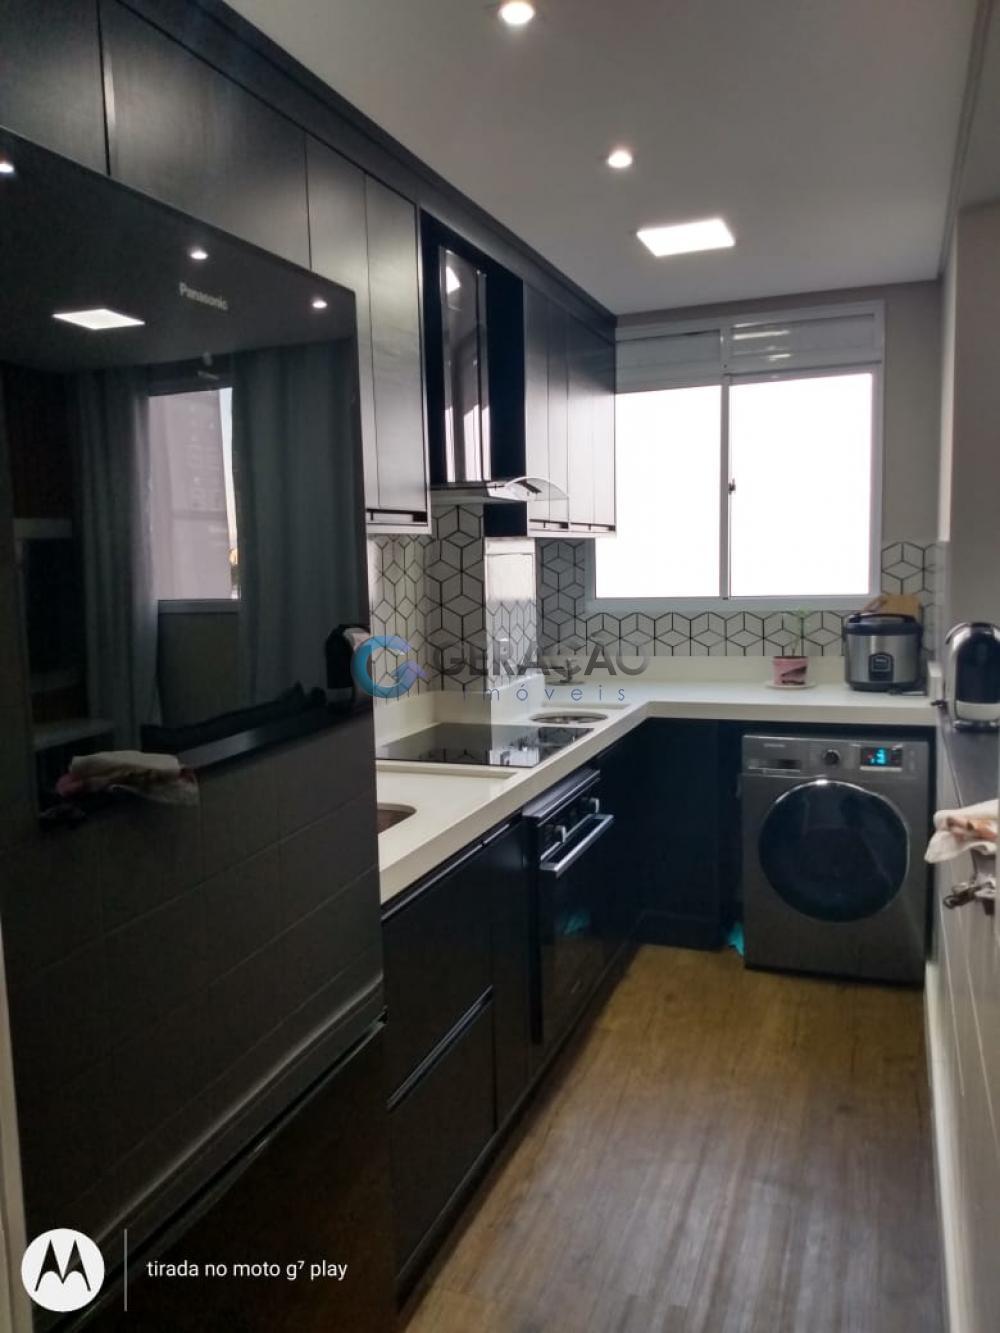 Comprar Apartamento / Padrão em São José dos Campos apenas R$ 293.000,00 - Foto 1